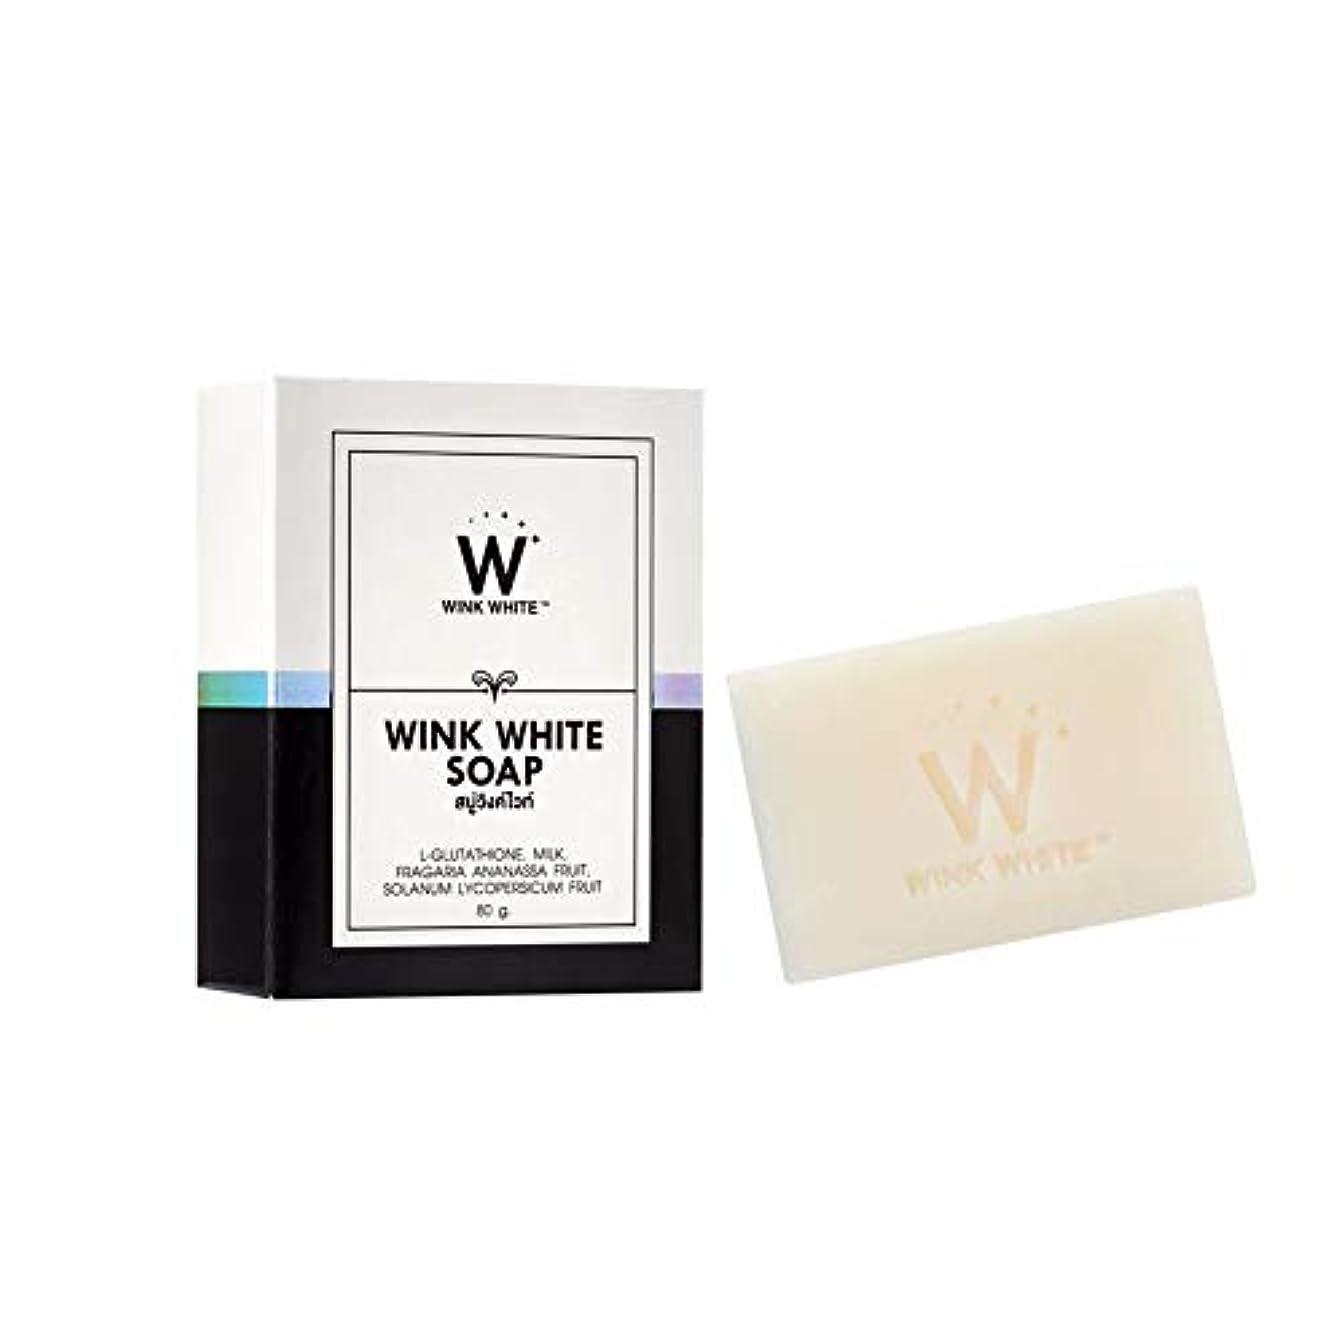 罰退却仲良しSoap Net Nature White Soap Base Wink White Soap Gluta Pure Skin Body Whitening Strawberry for Whitening Skin All...